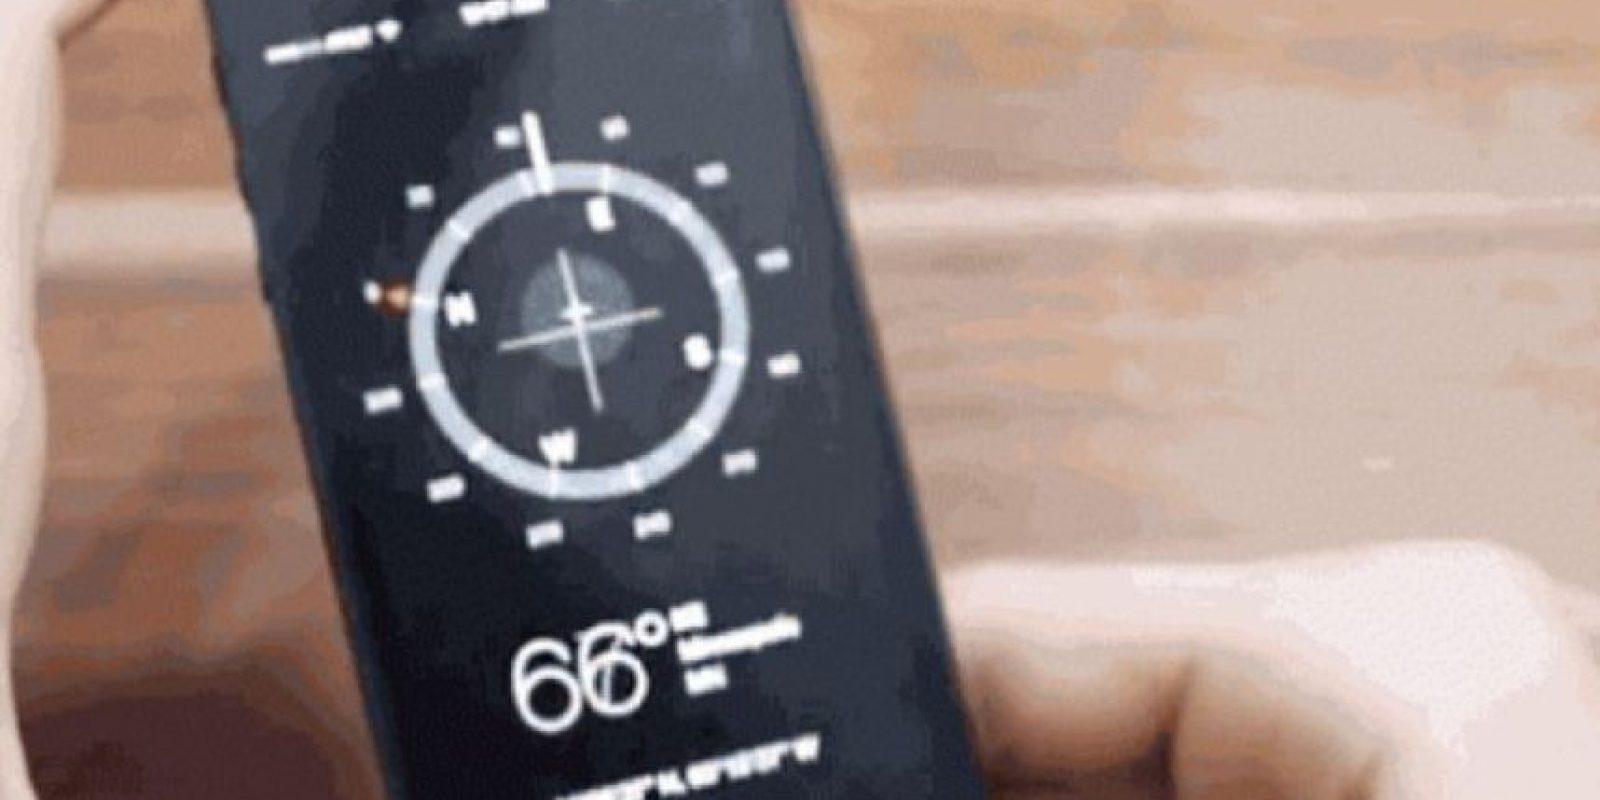 Nivelador en el iPhone. Para que sus cuadros, mesas, repisas y todo quede derecho, pueden usar el nivelador que está dentro de la aplicación Brújula. Foto:vía cdn.wpnderfulengineering.com